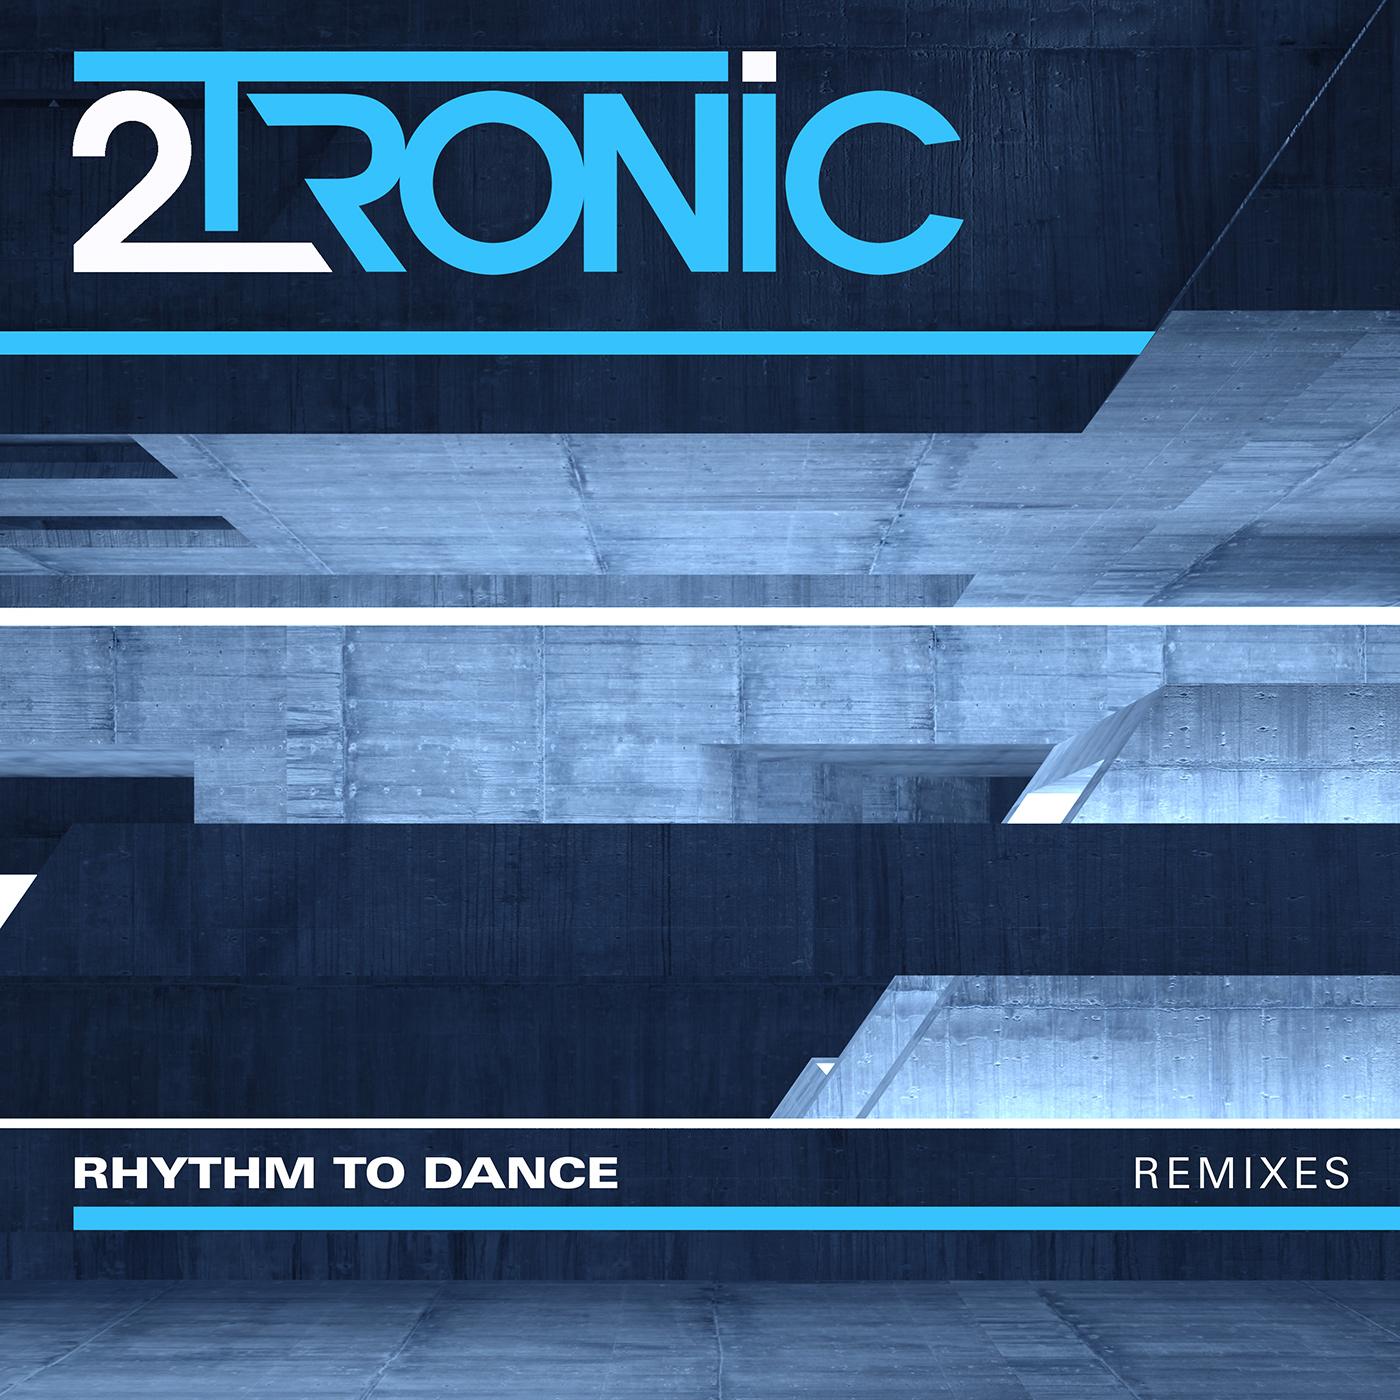 2TRONIC veröffentlicht REMIXES von Rhythm To Dance